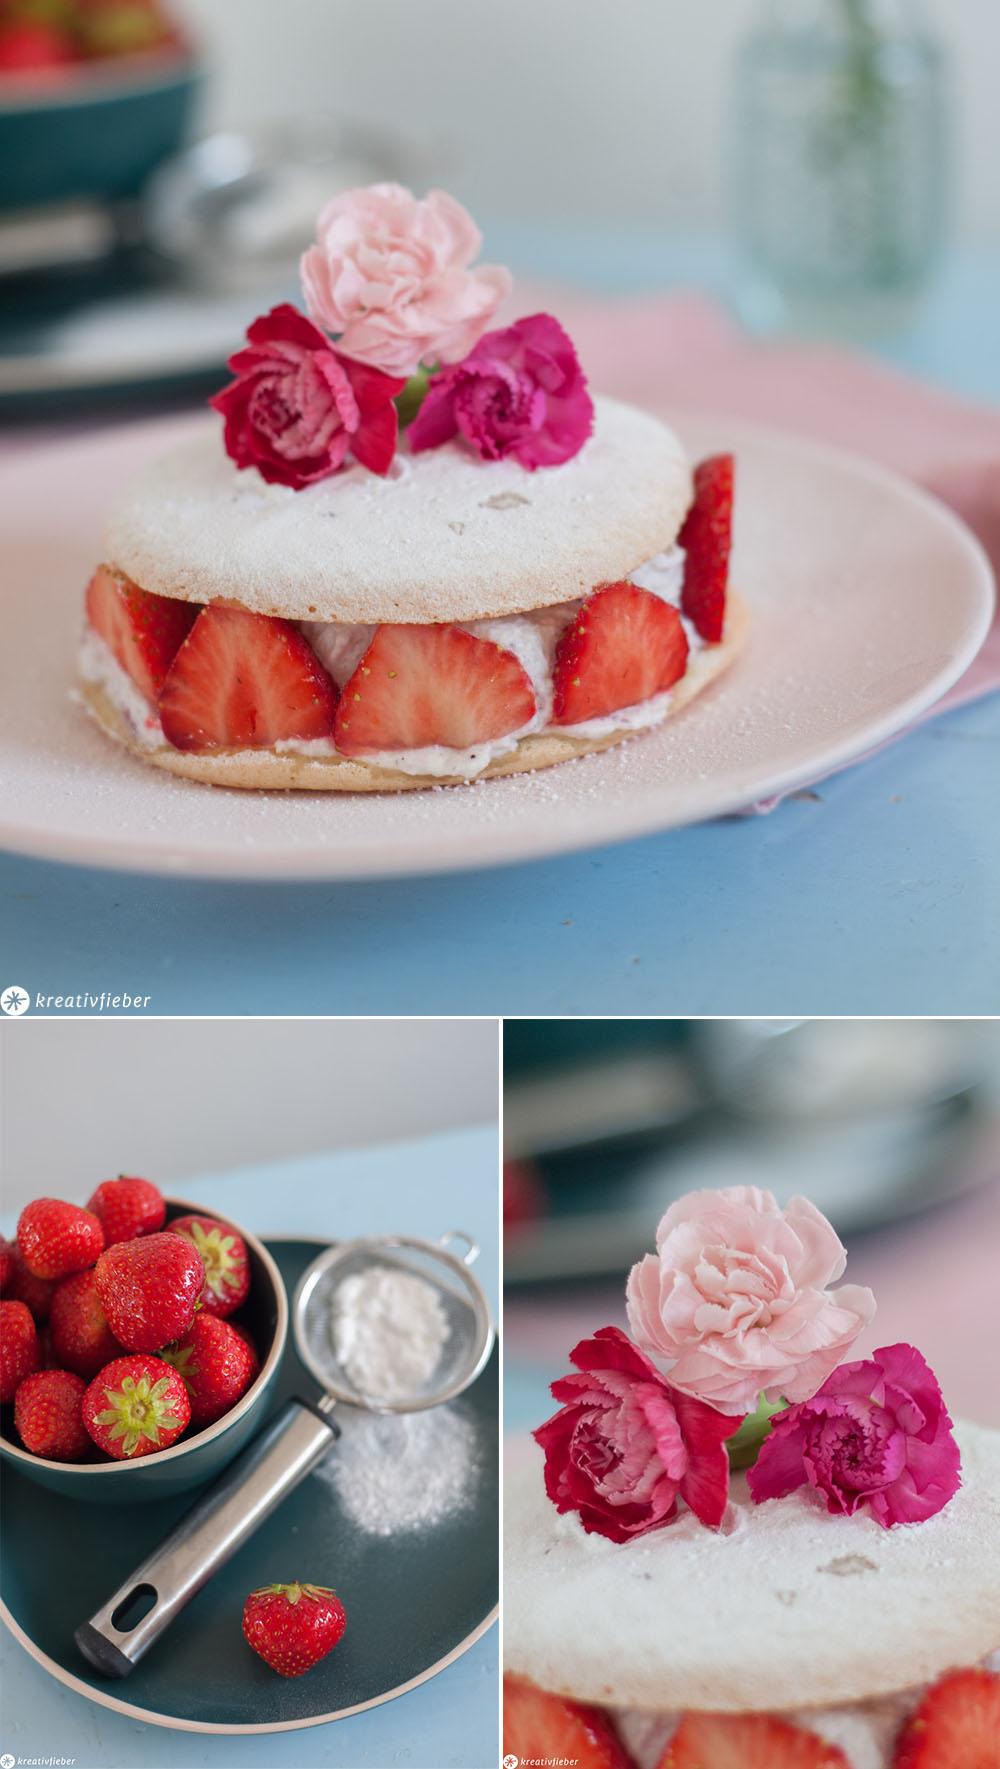 Törtchen mit Erdbeeren